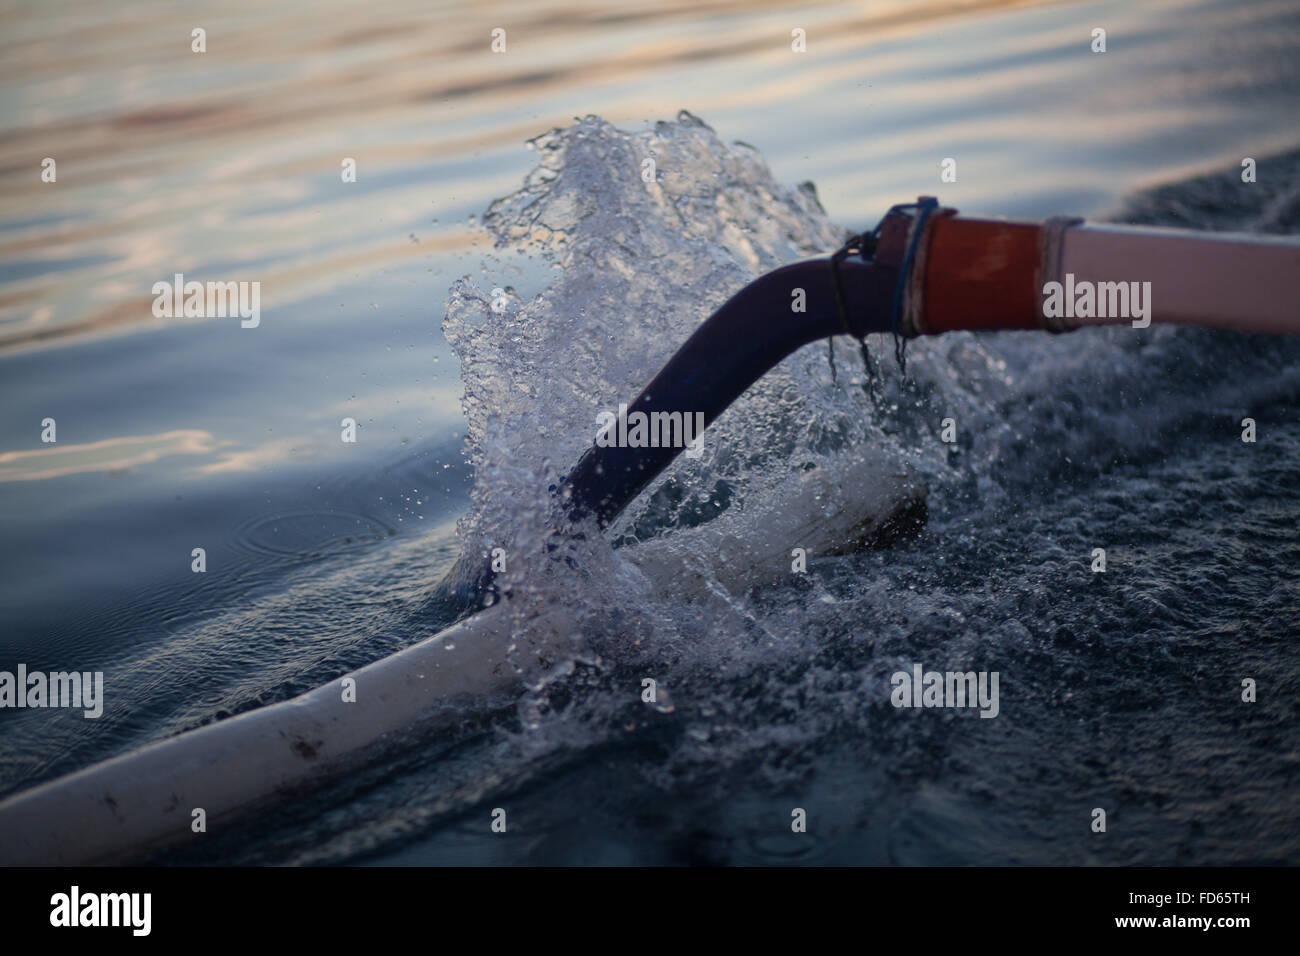 Immagine ritagliata su Paddleboard nel lago Immagini Stock